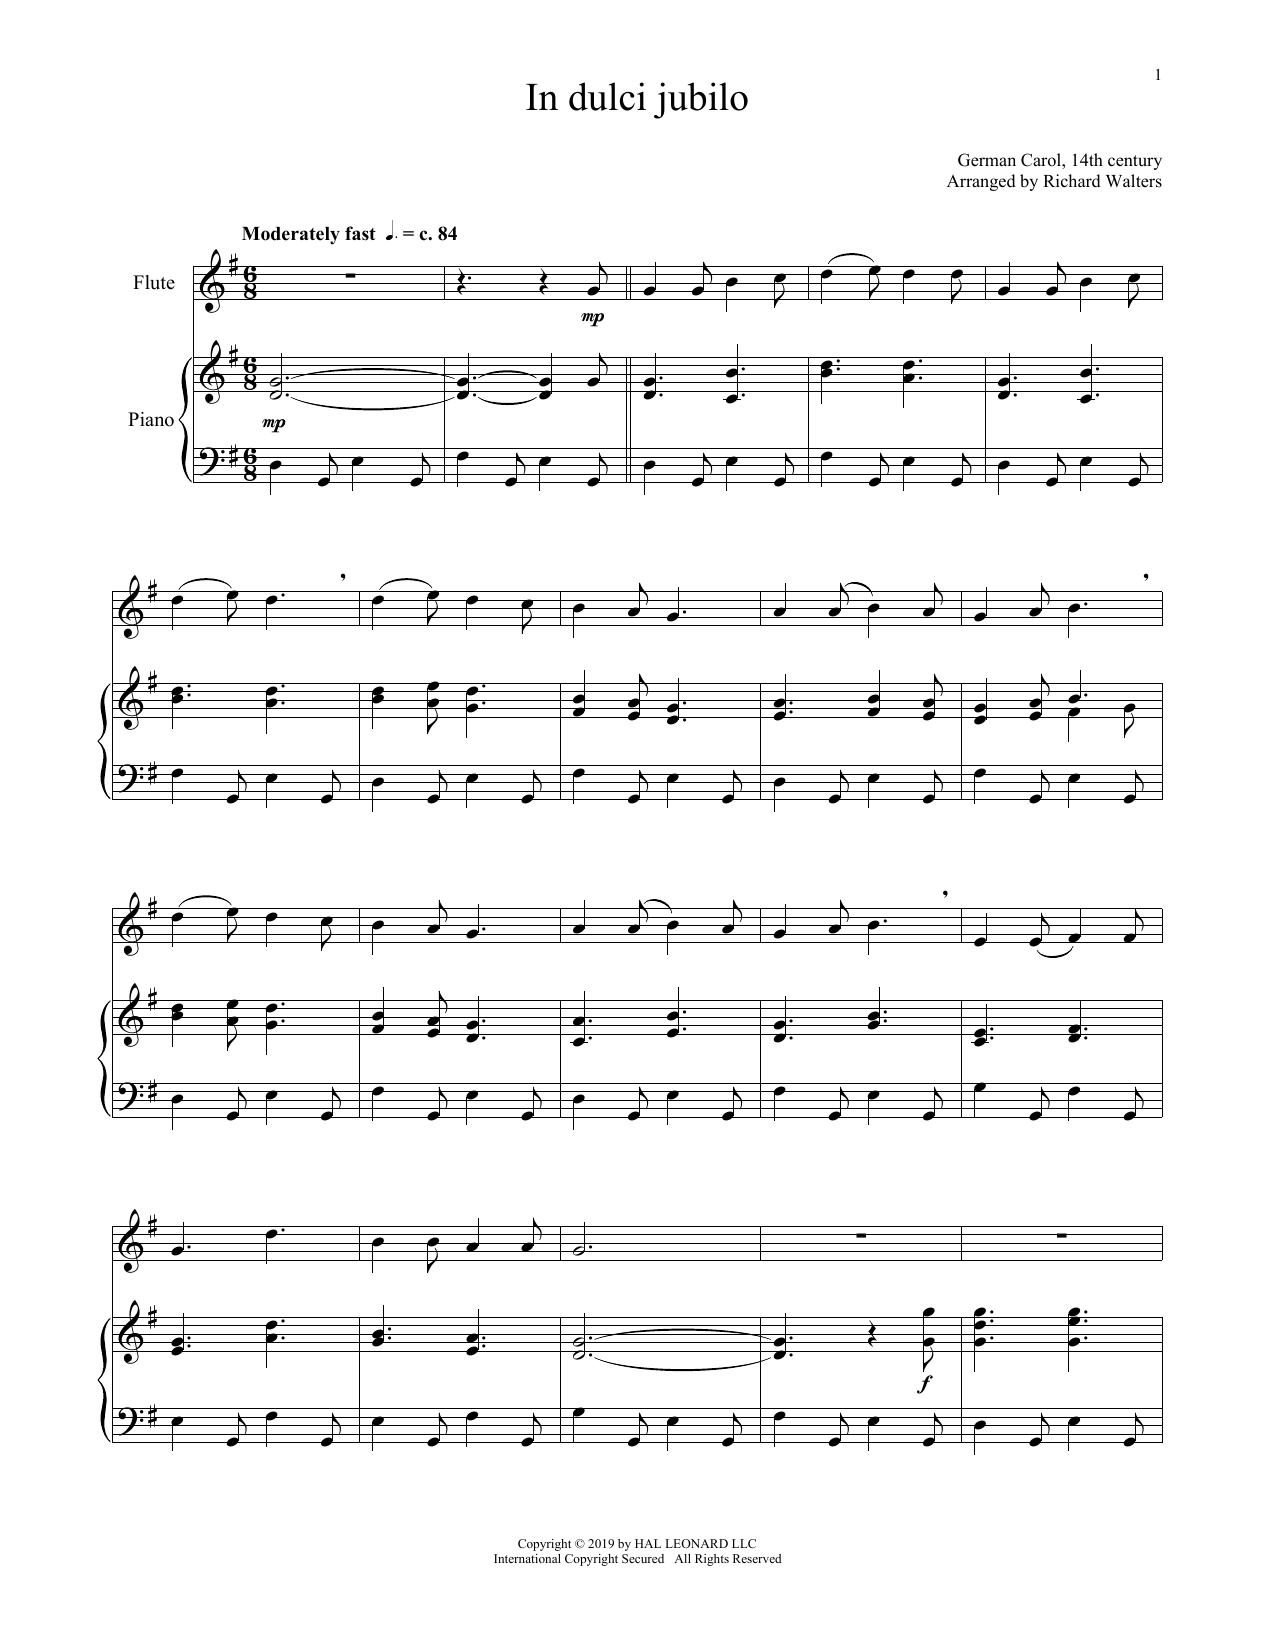 In Dulci Jubilo (Flute and Piano)